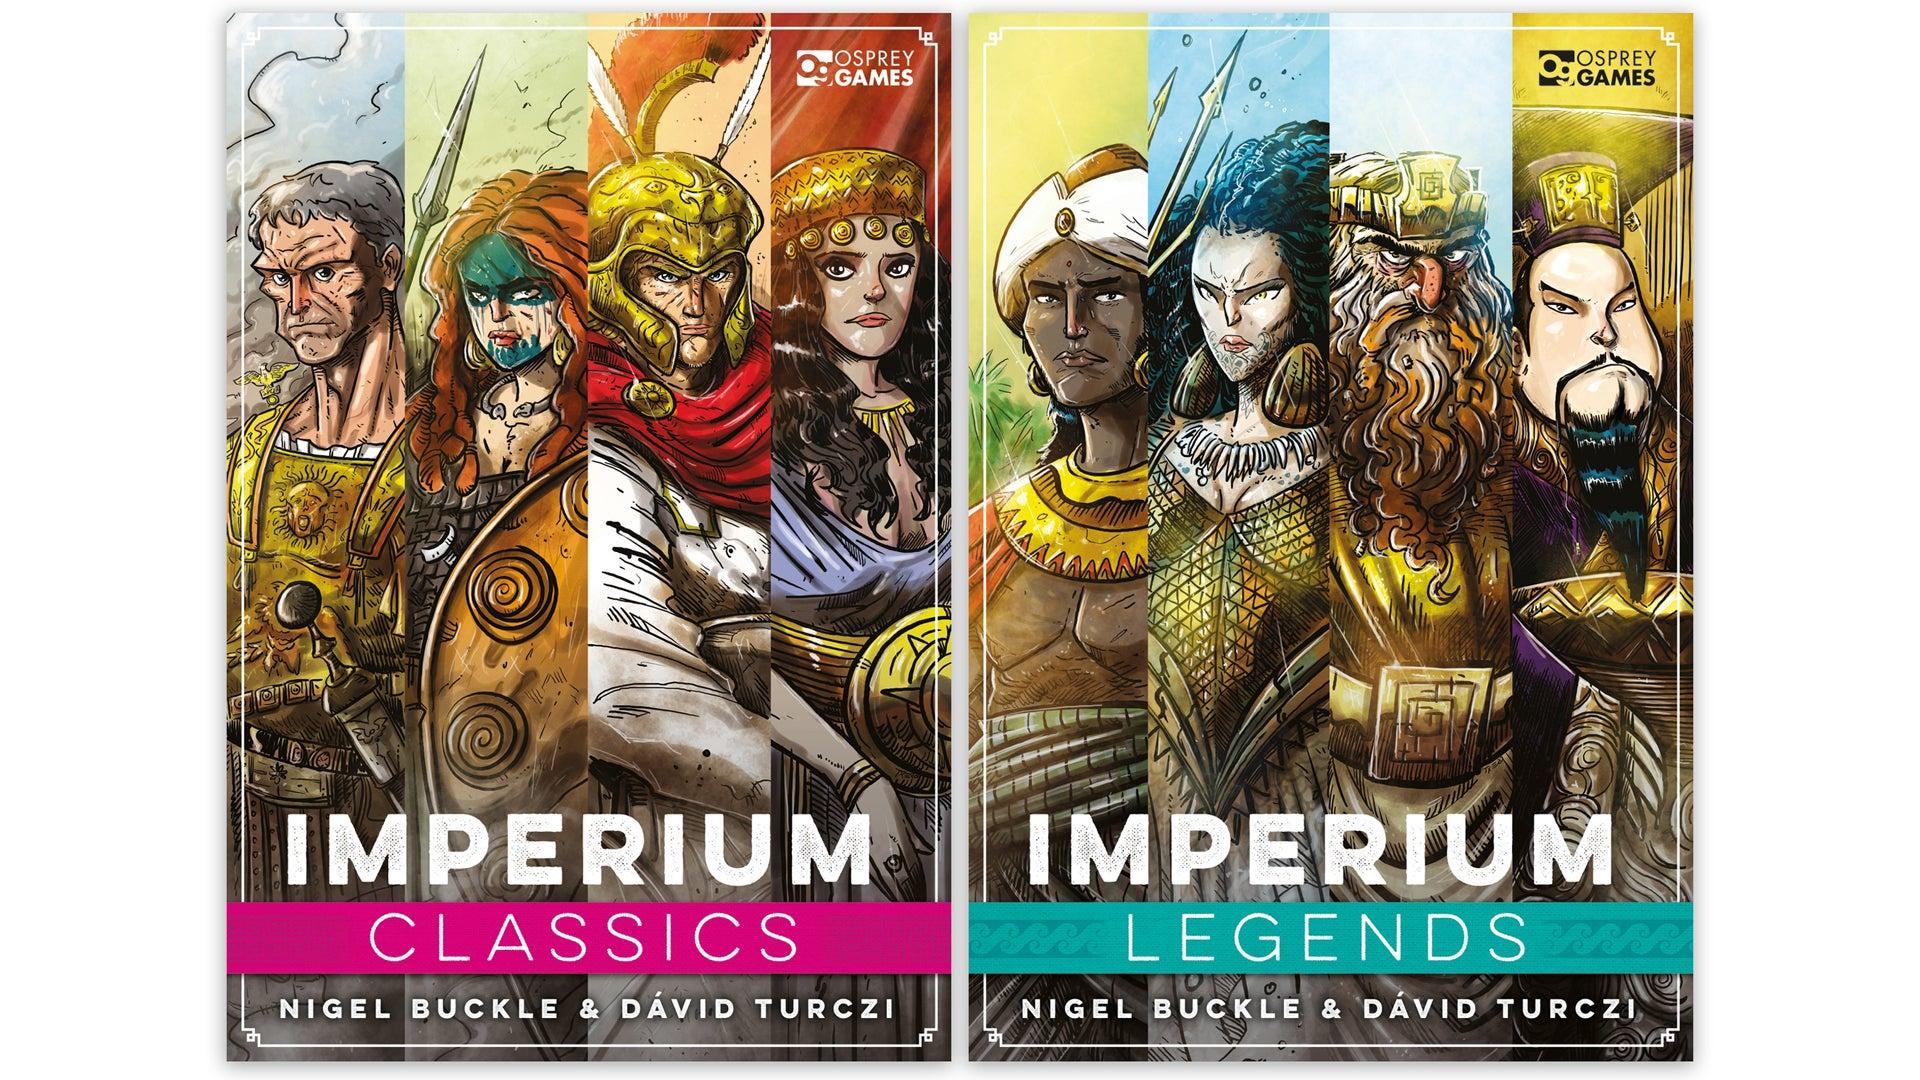 imperium-classics-legends-board-game.jpg